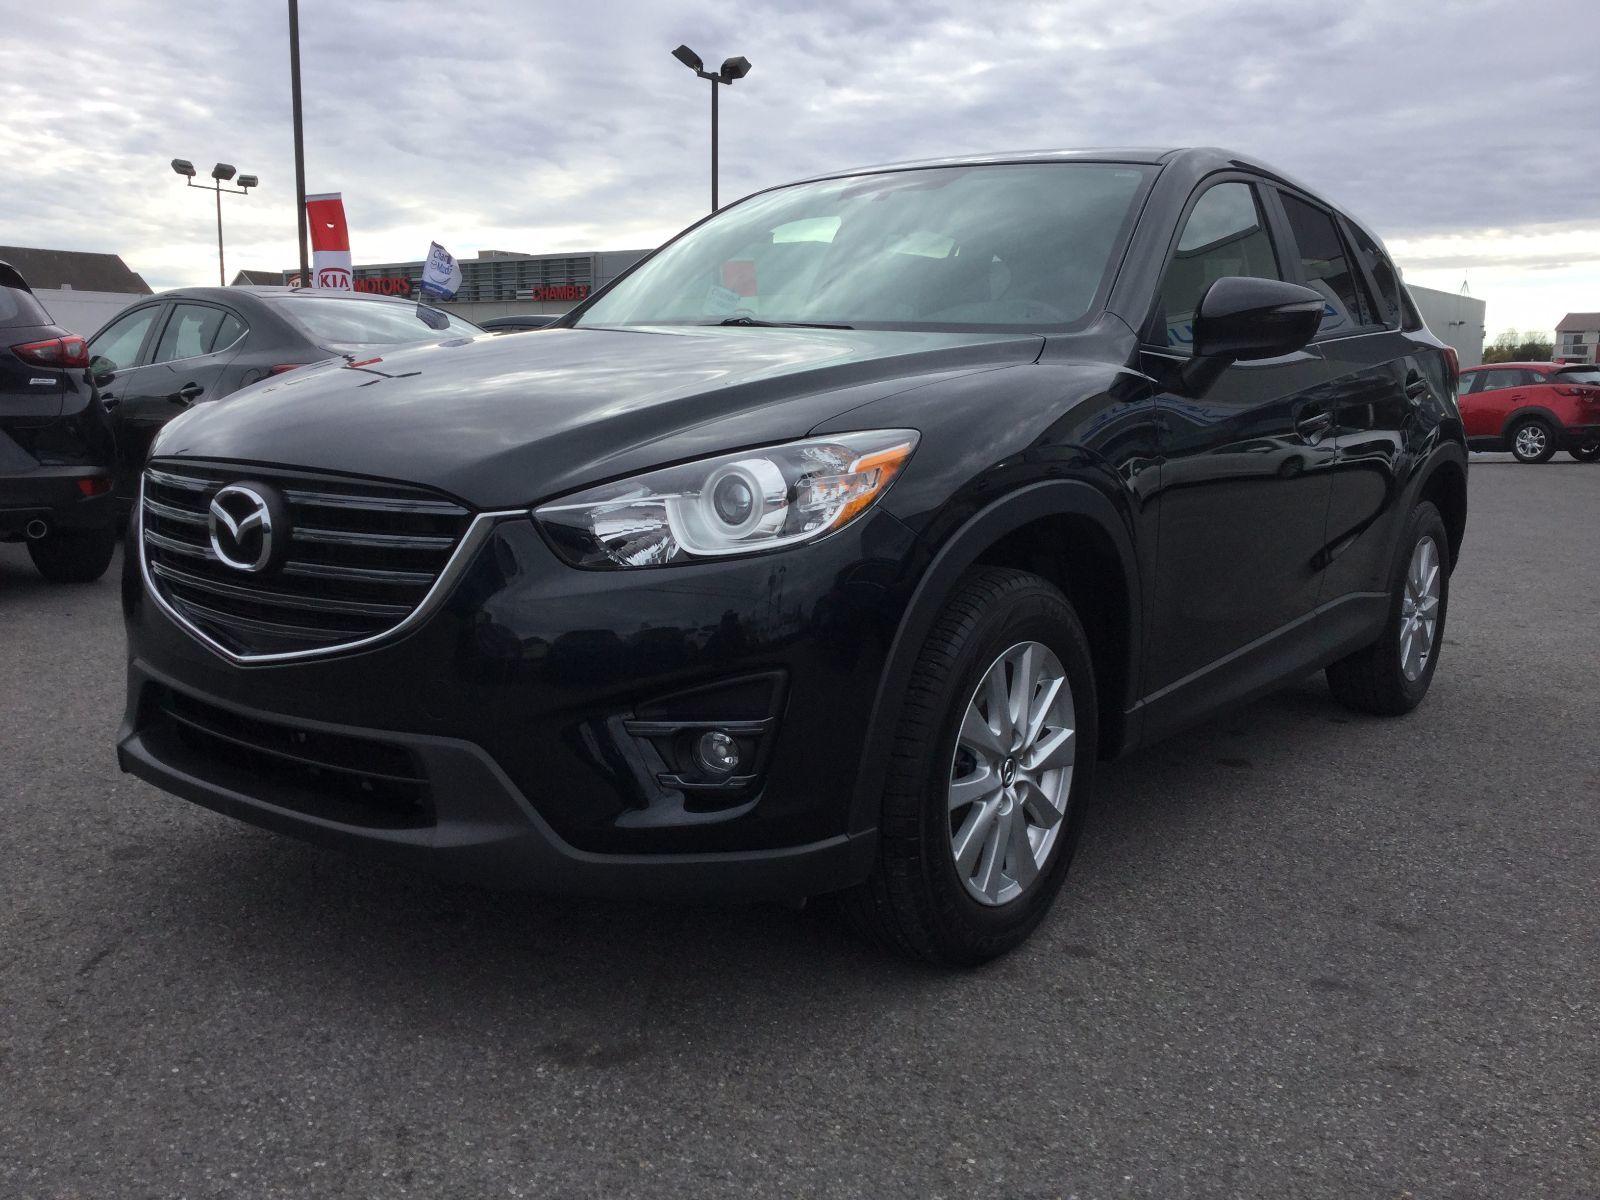 Mazda CX-5 **RÉSERVÉ**, GS,AWD, JAMAIS ACCIDENTÉ 2016 gROUPE LUXE CUIR/TOIT...GARANTIE COMPLÈTE JUSQU EN AVRIL 2018